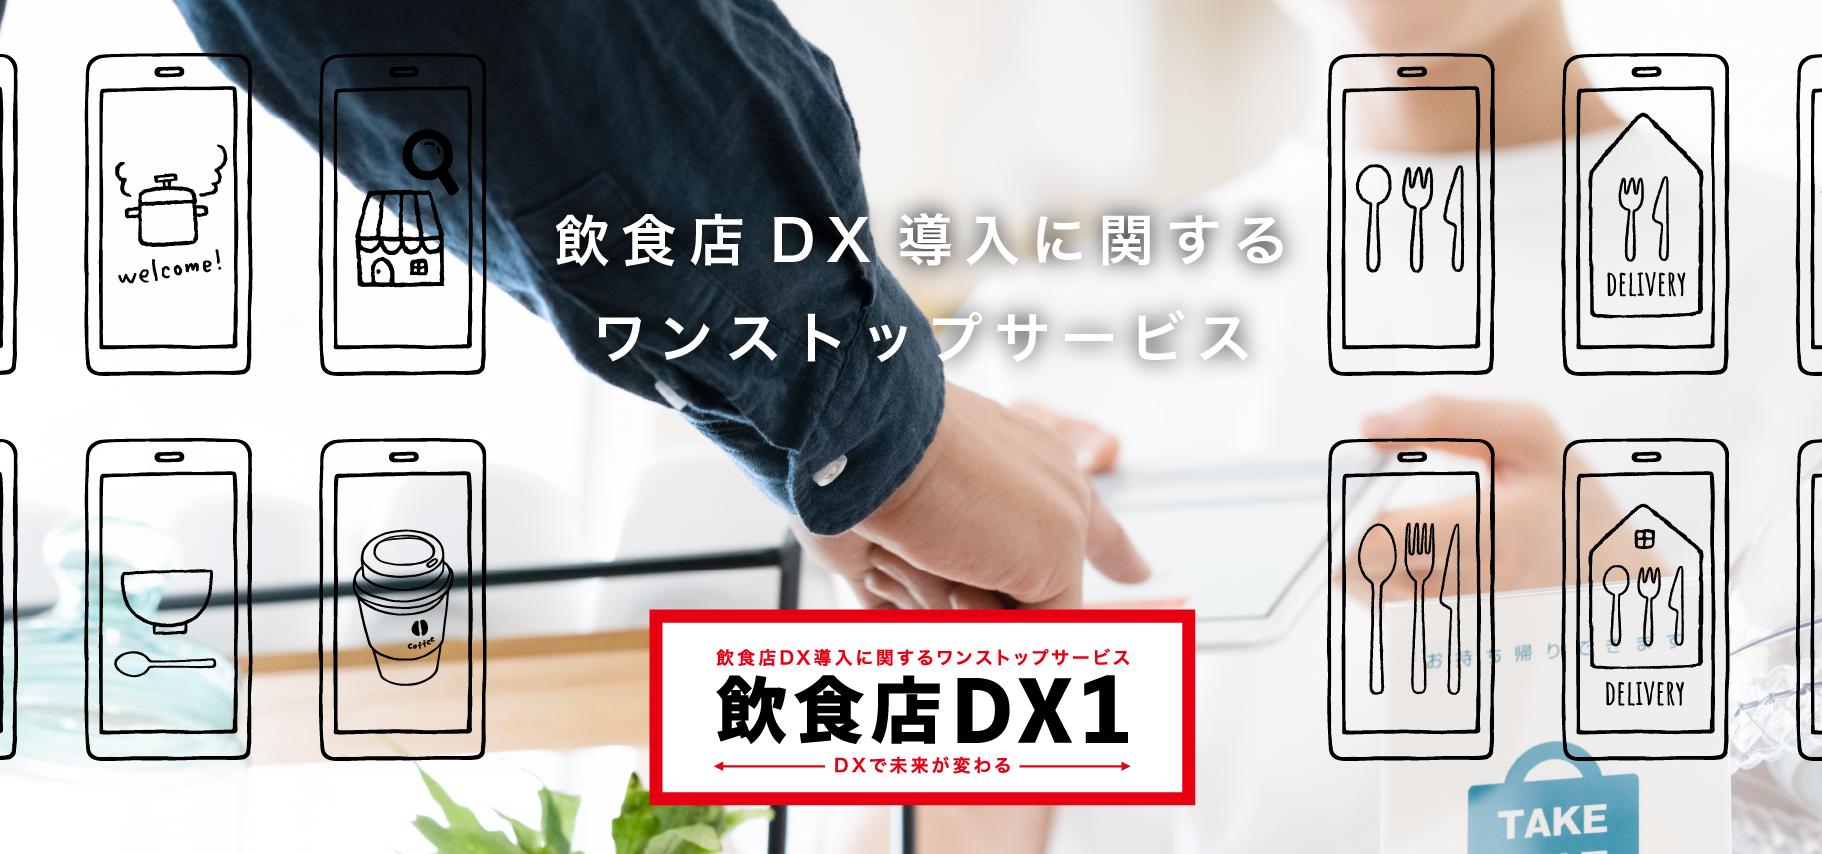 飲食店DX1